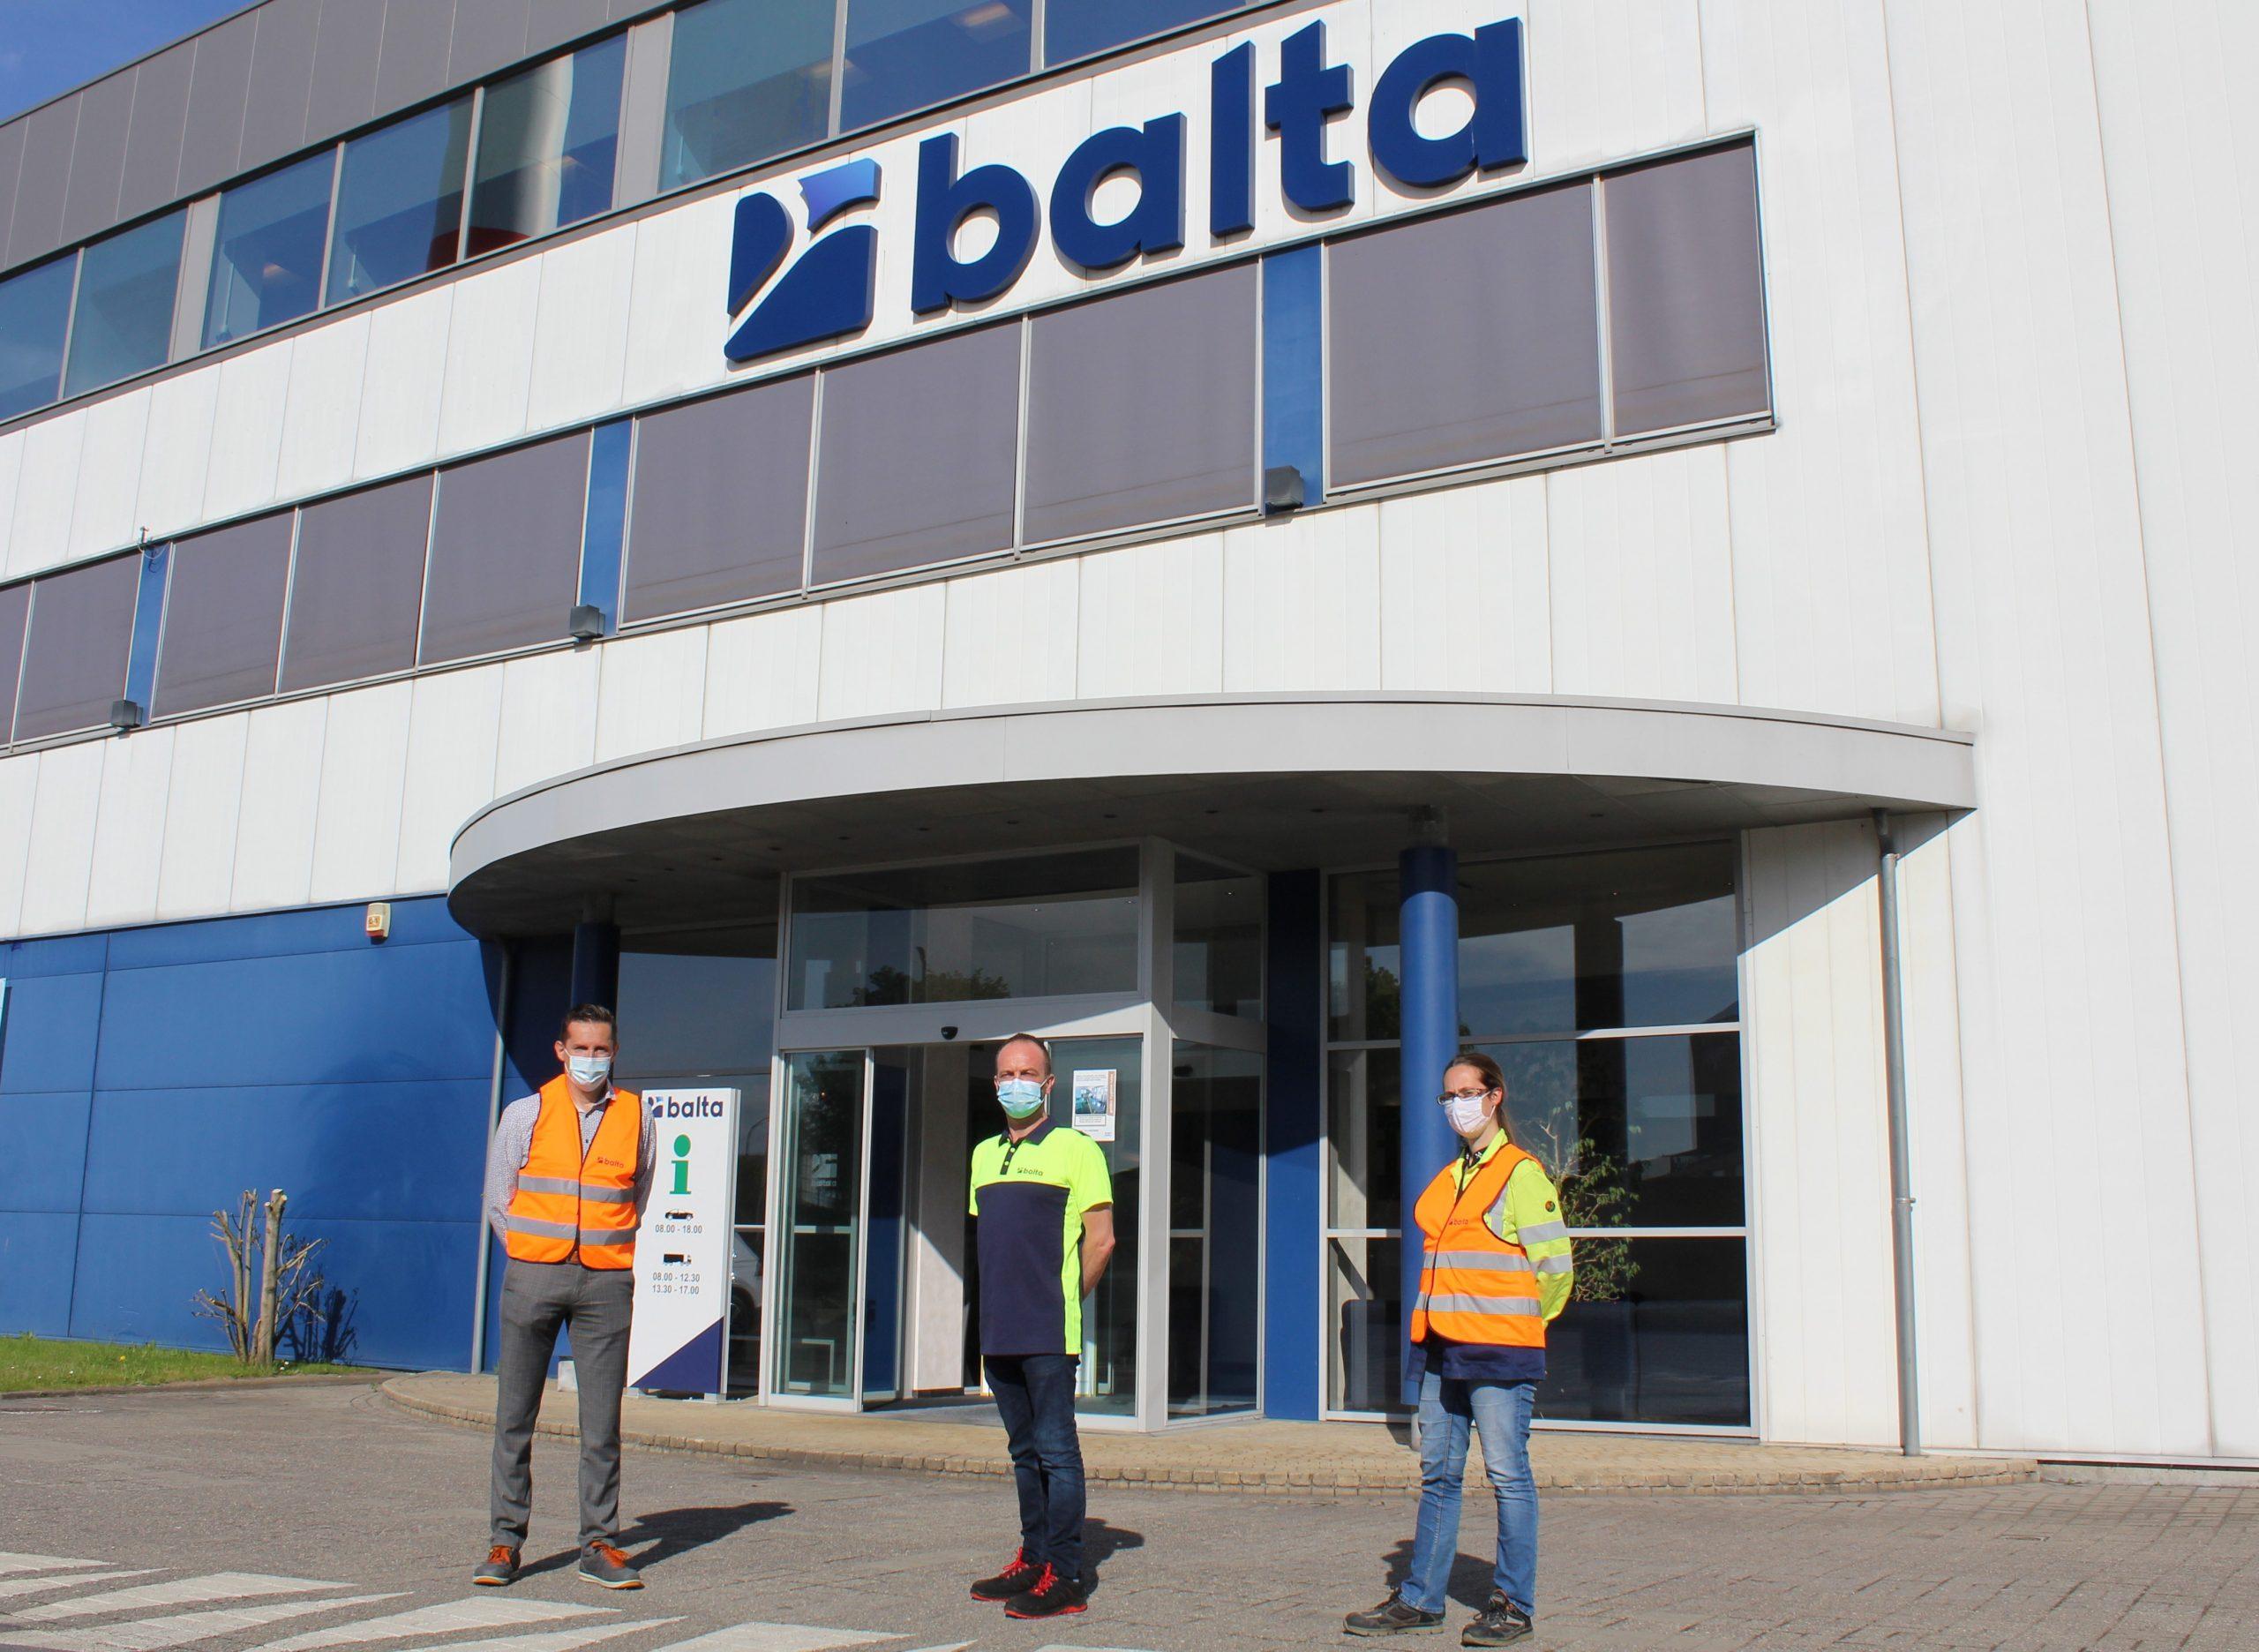 Case Balta gebouw